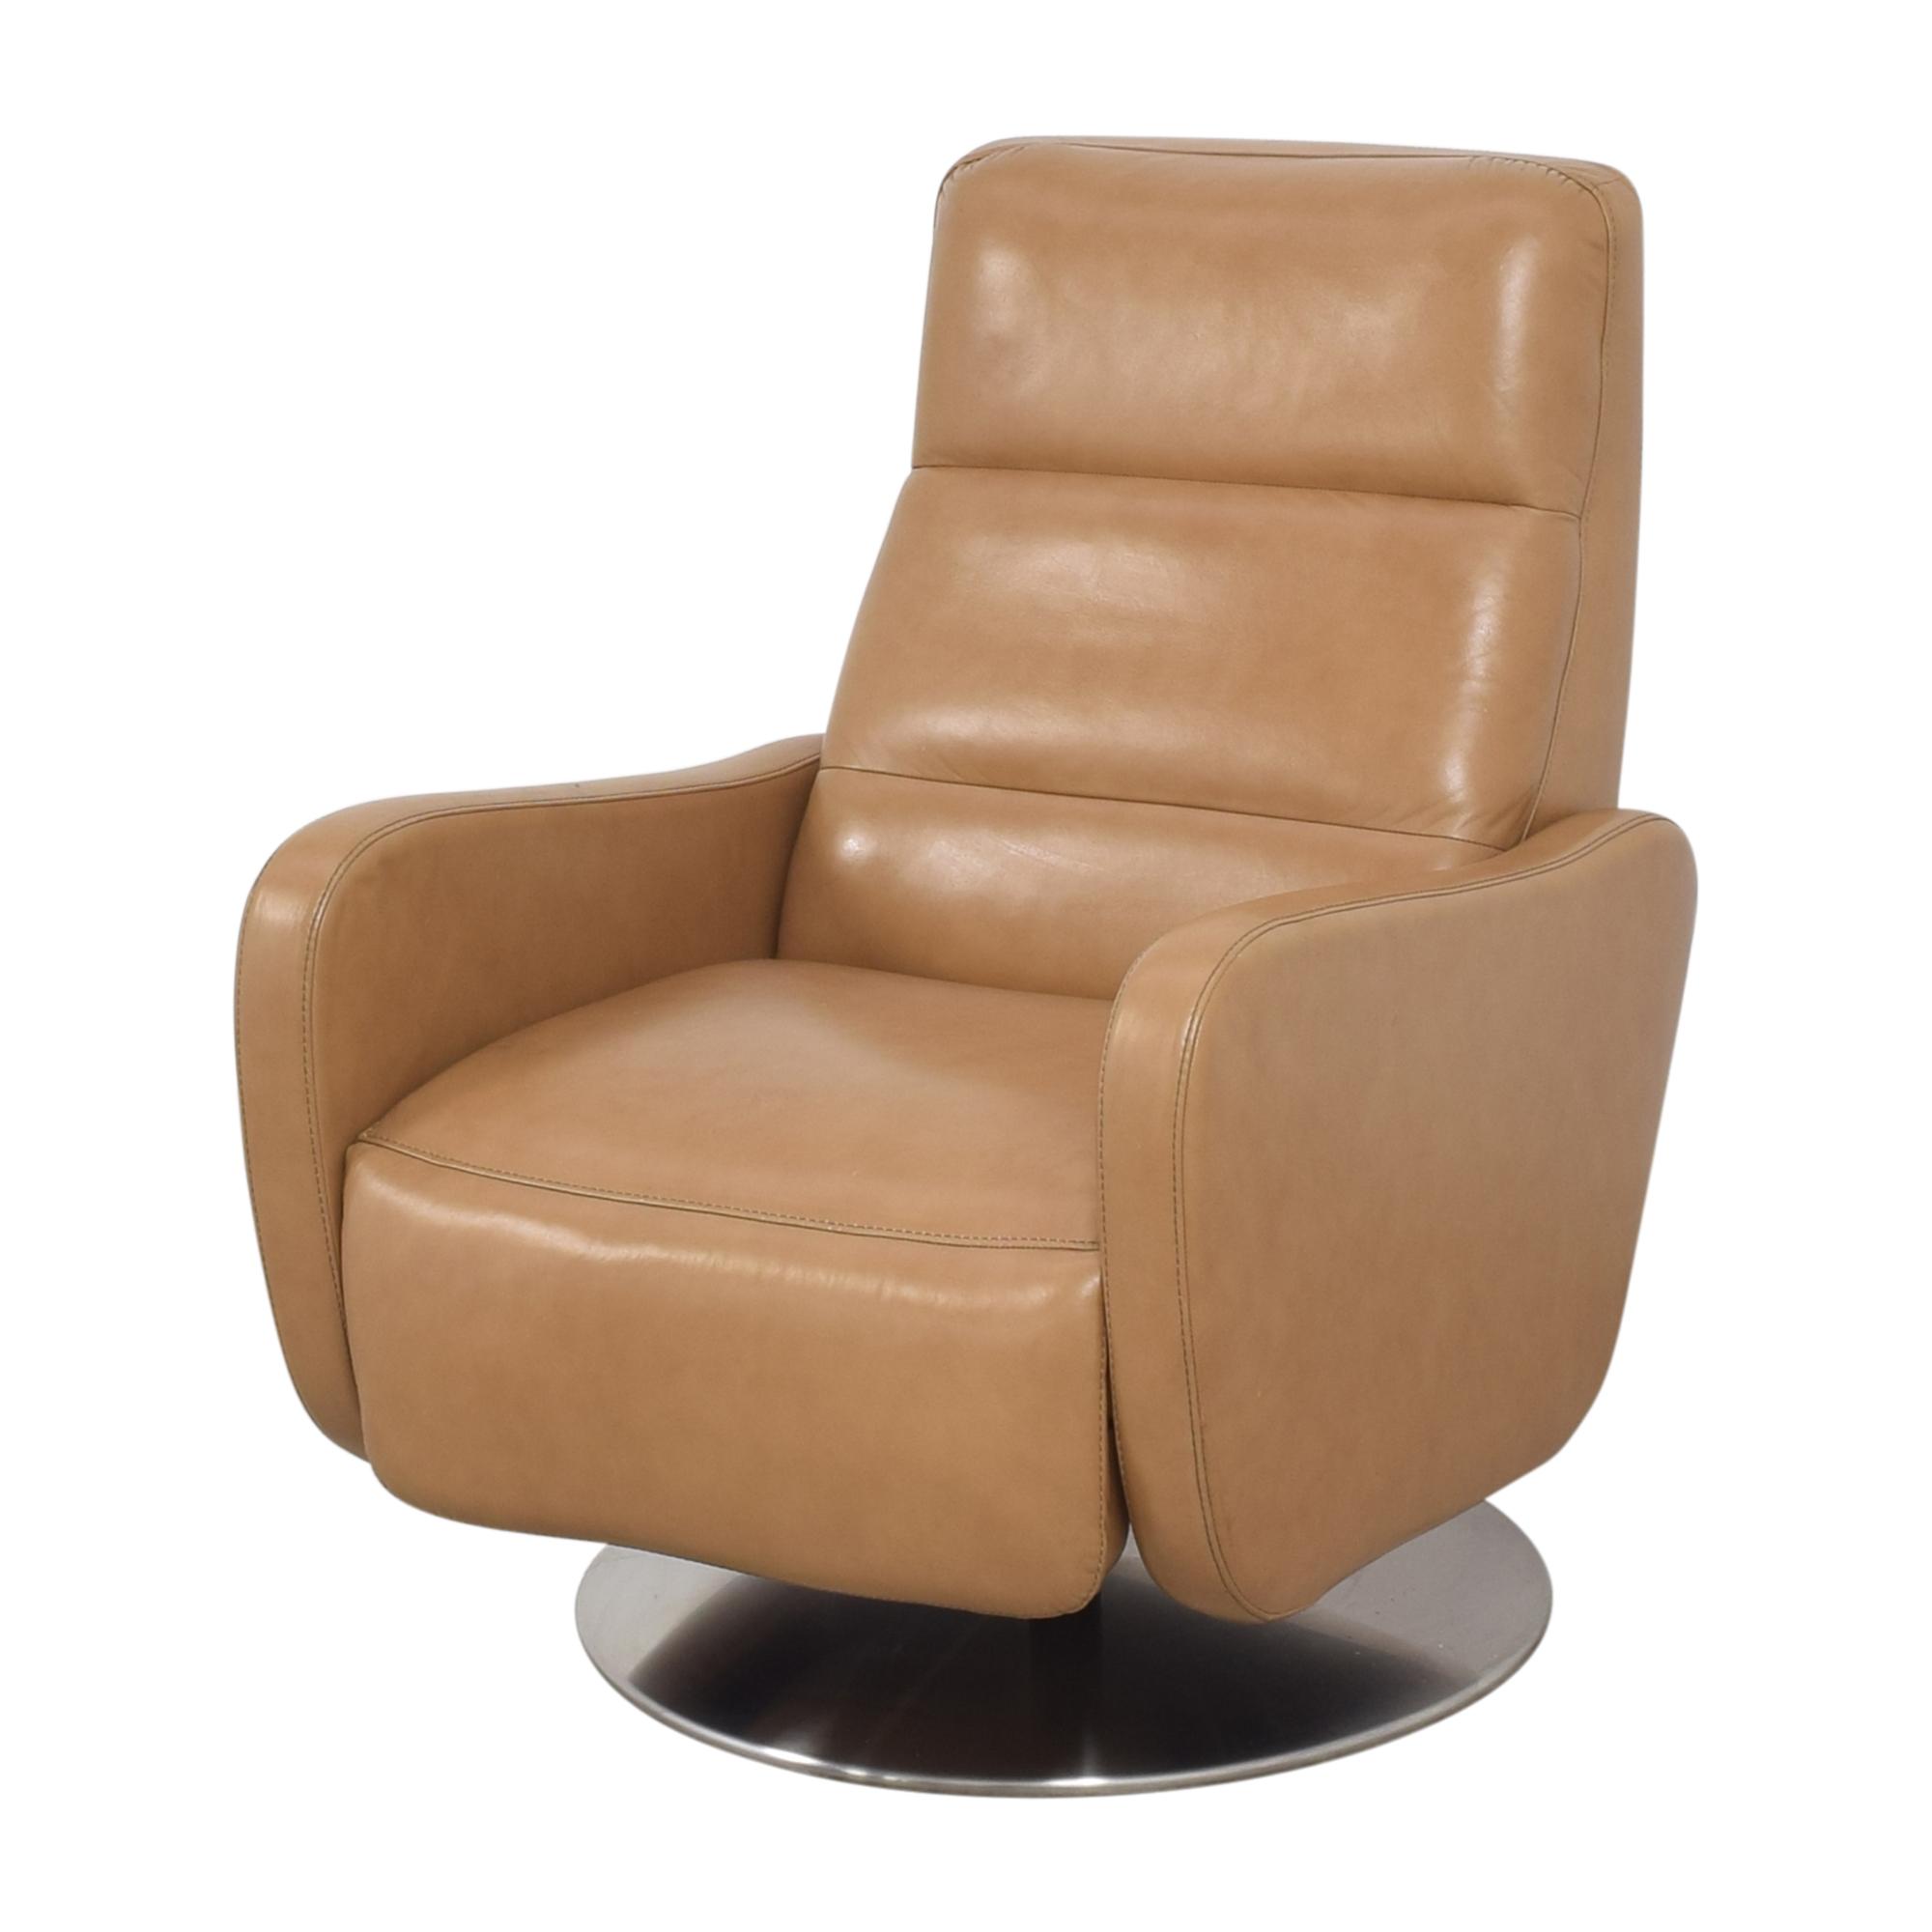 buy Elite Leather Company Aries Recliner Elite Leather Company Recliners